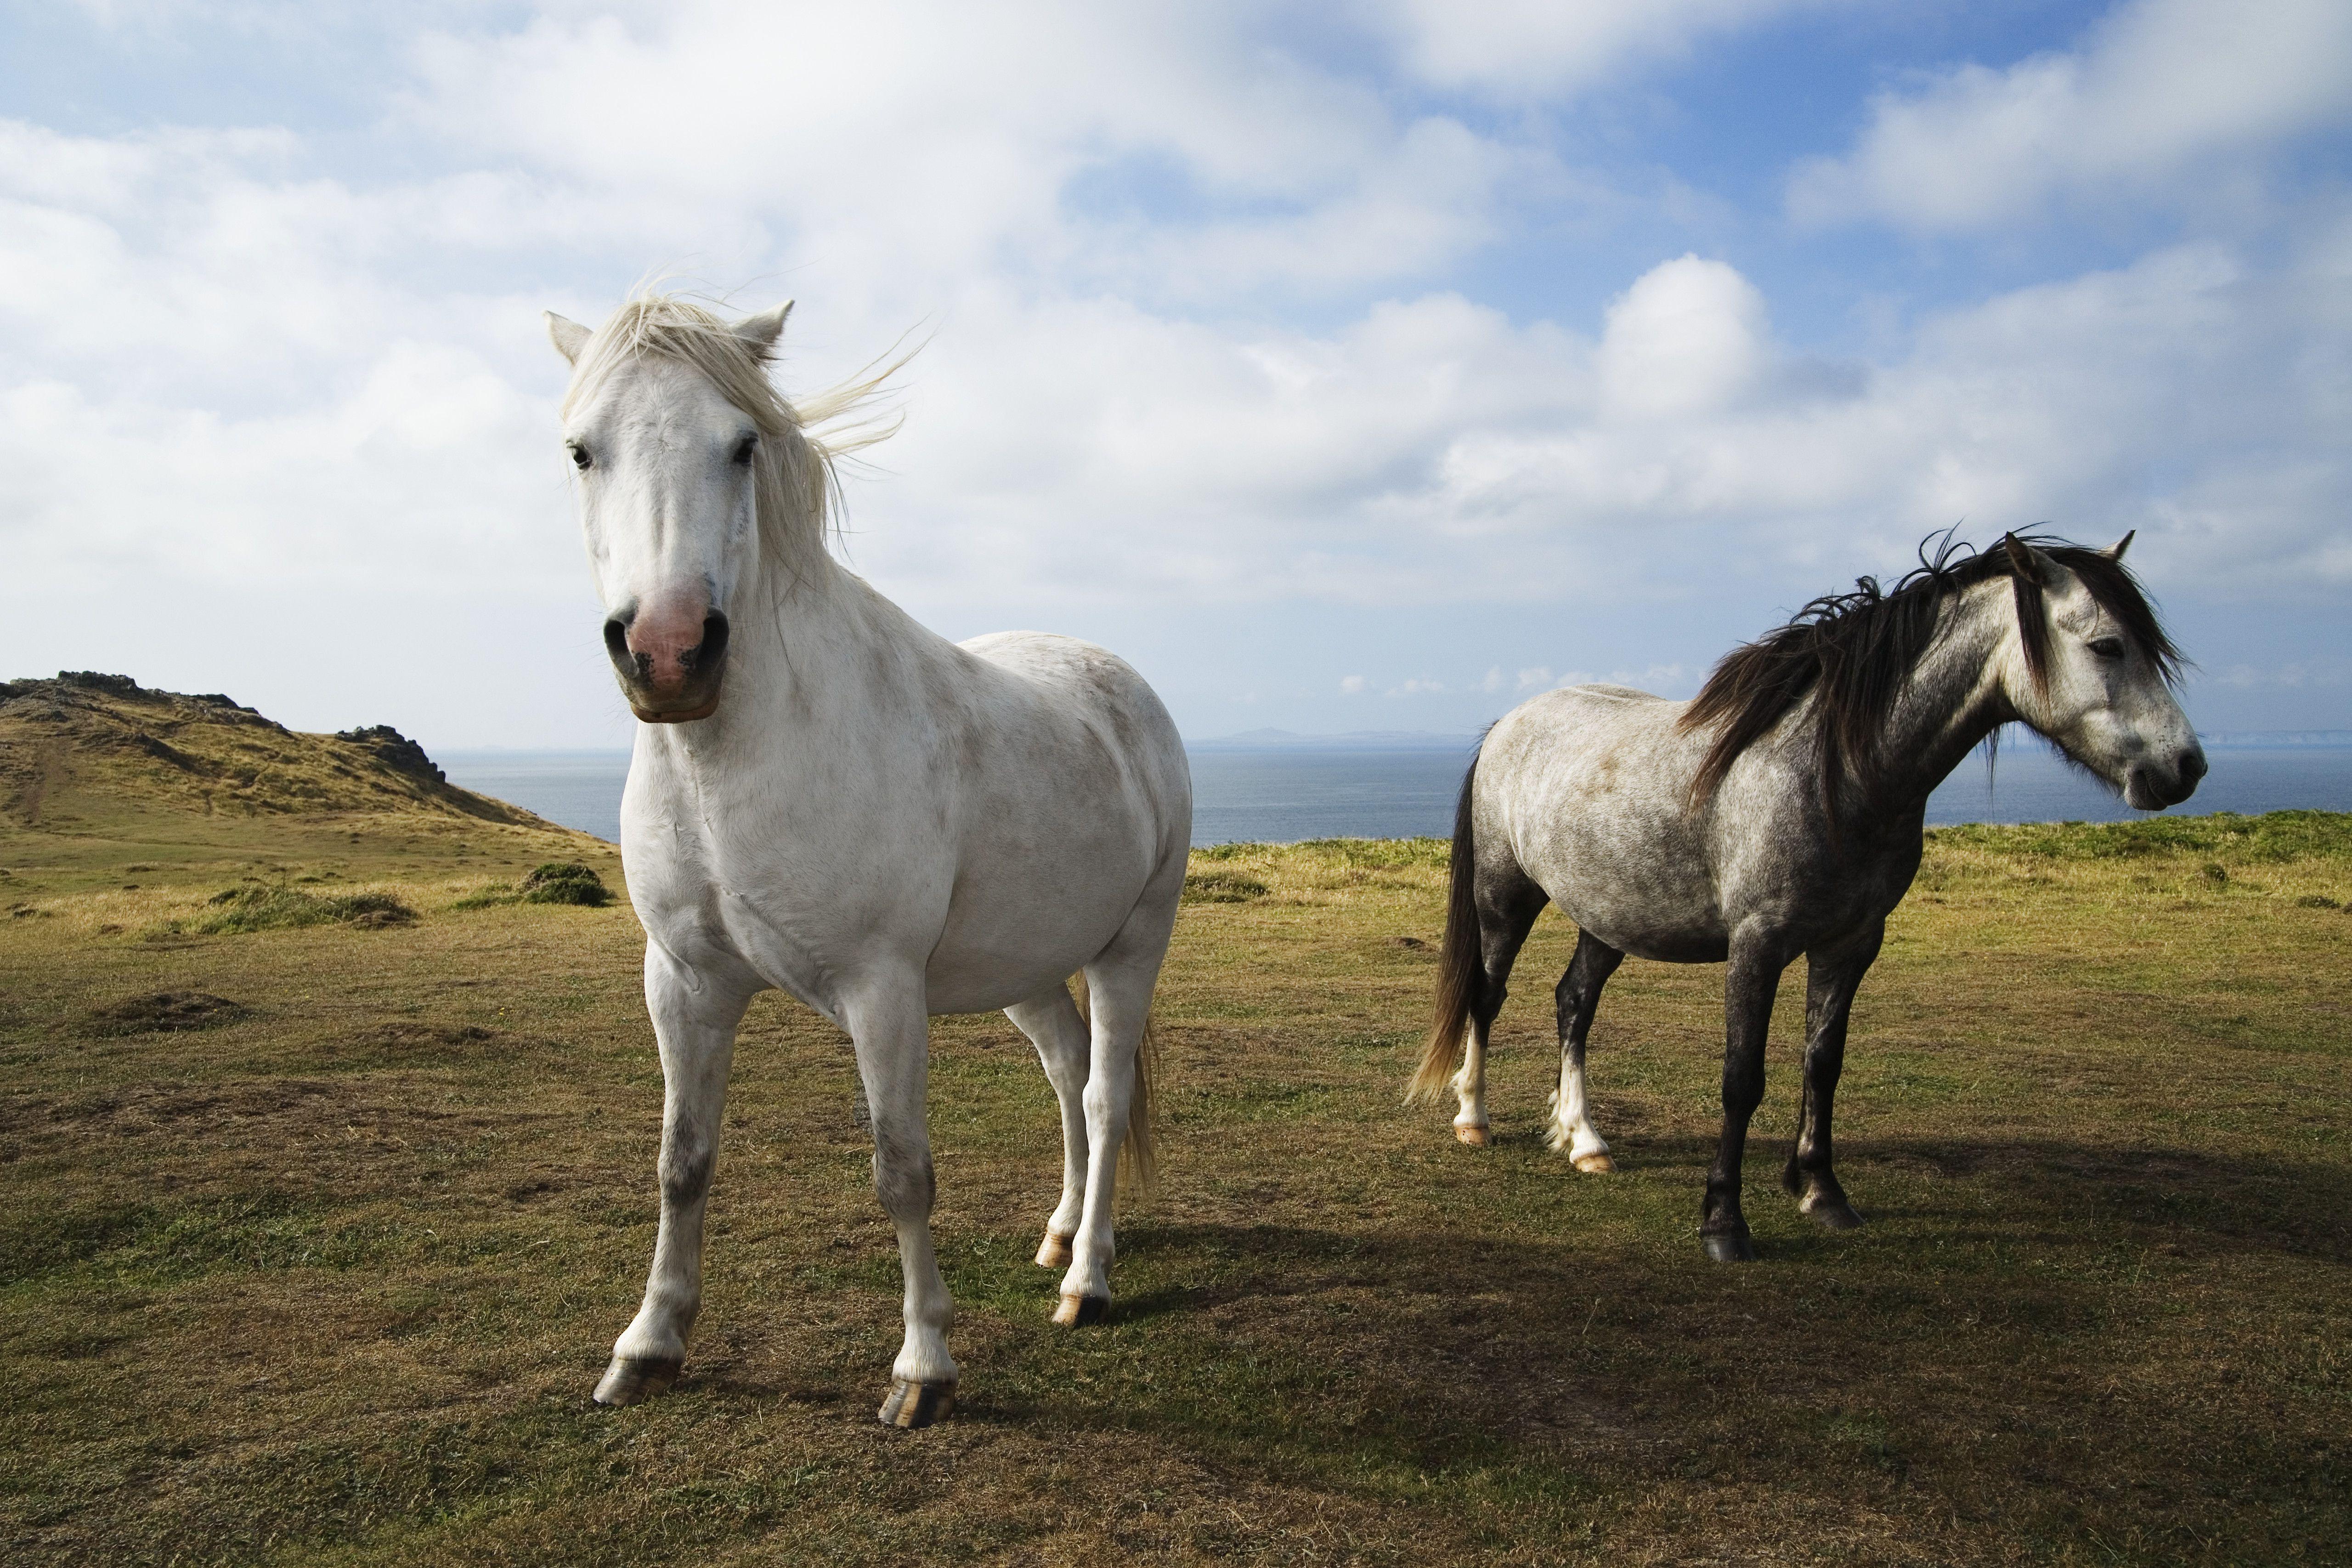 Two wild horses (Equus caballus) on coastal headland